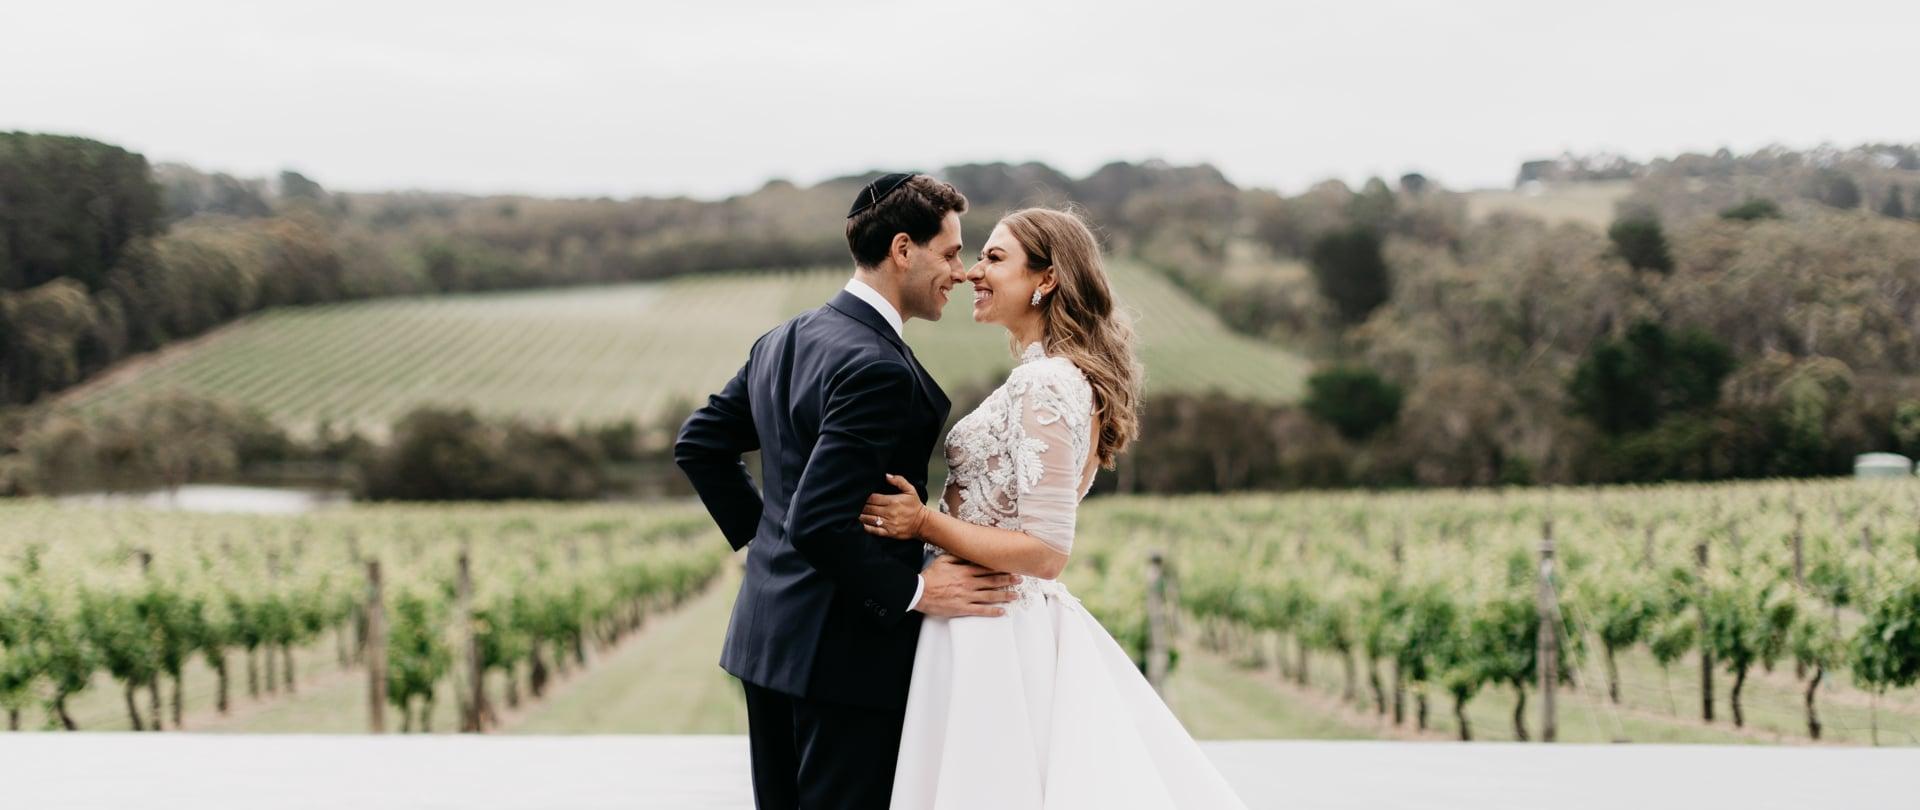 Charlotte & Harley Wedding Video Filmed at Mornington Peninsula, Victoria